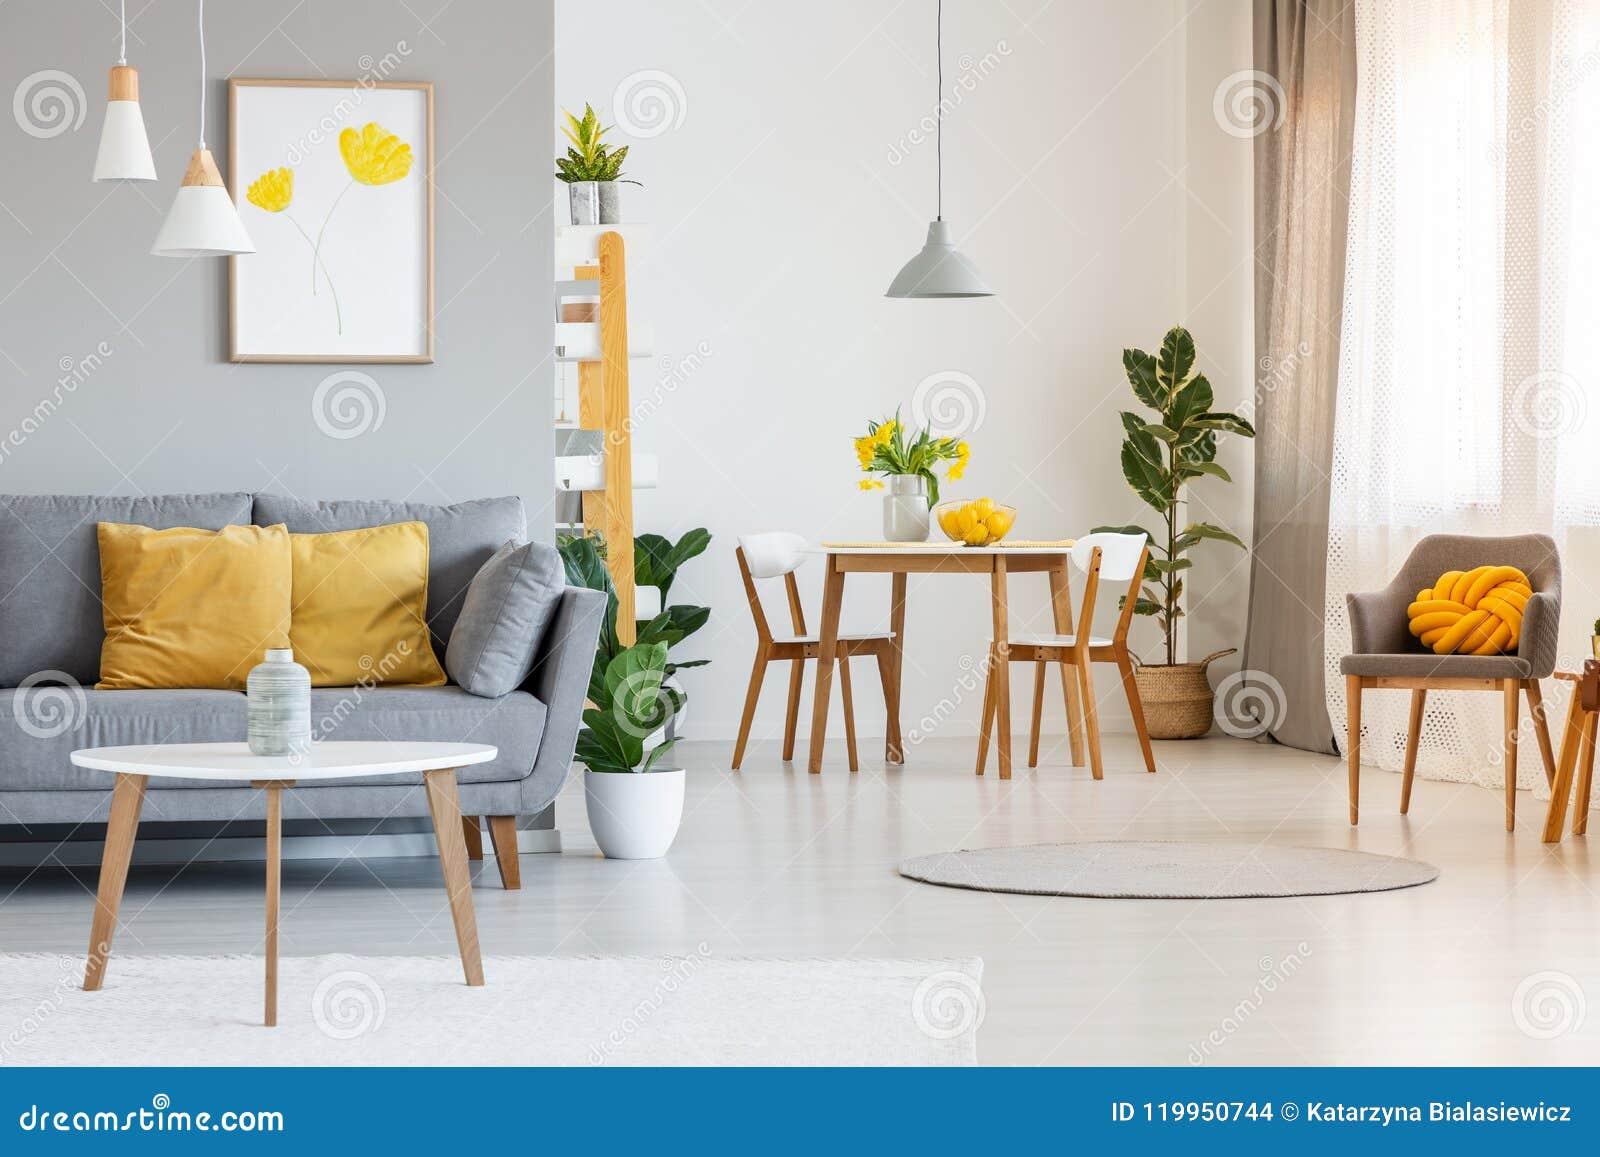 Innenraum des Lebenund Esszimmers des offenen Raumes mit grauem Sofa, woode